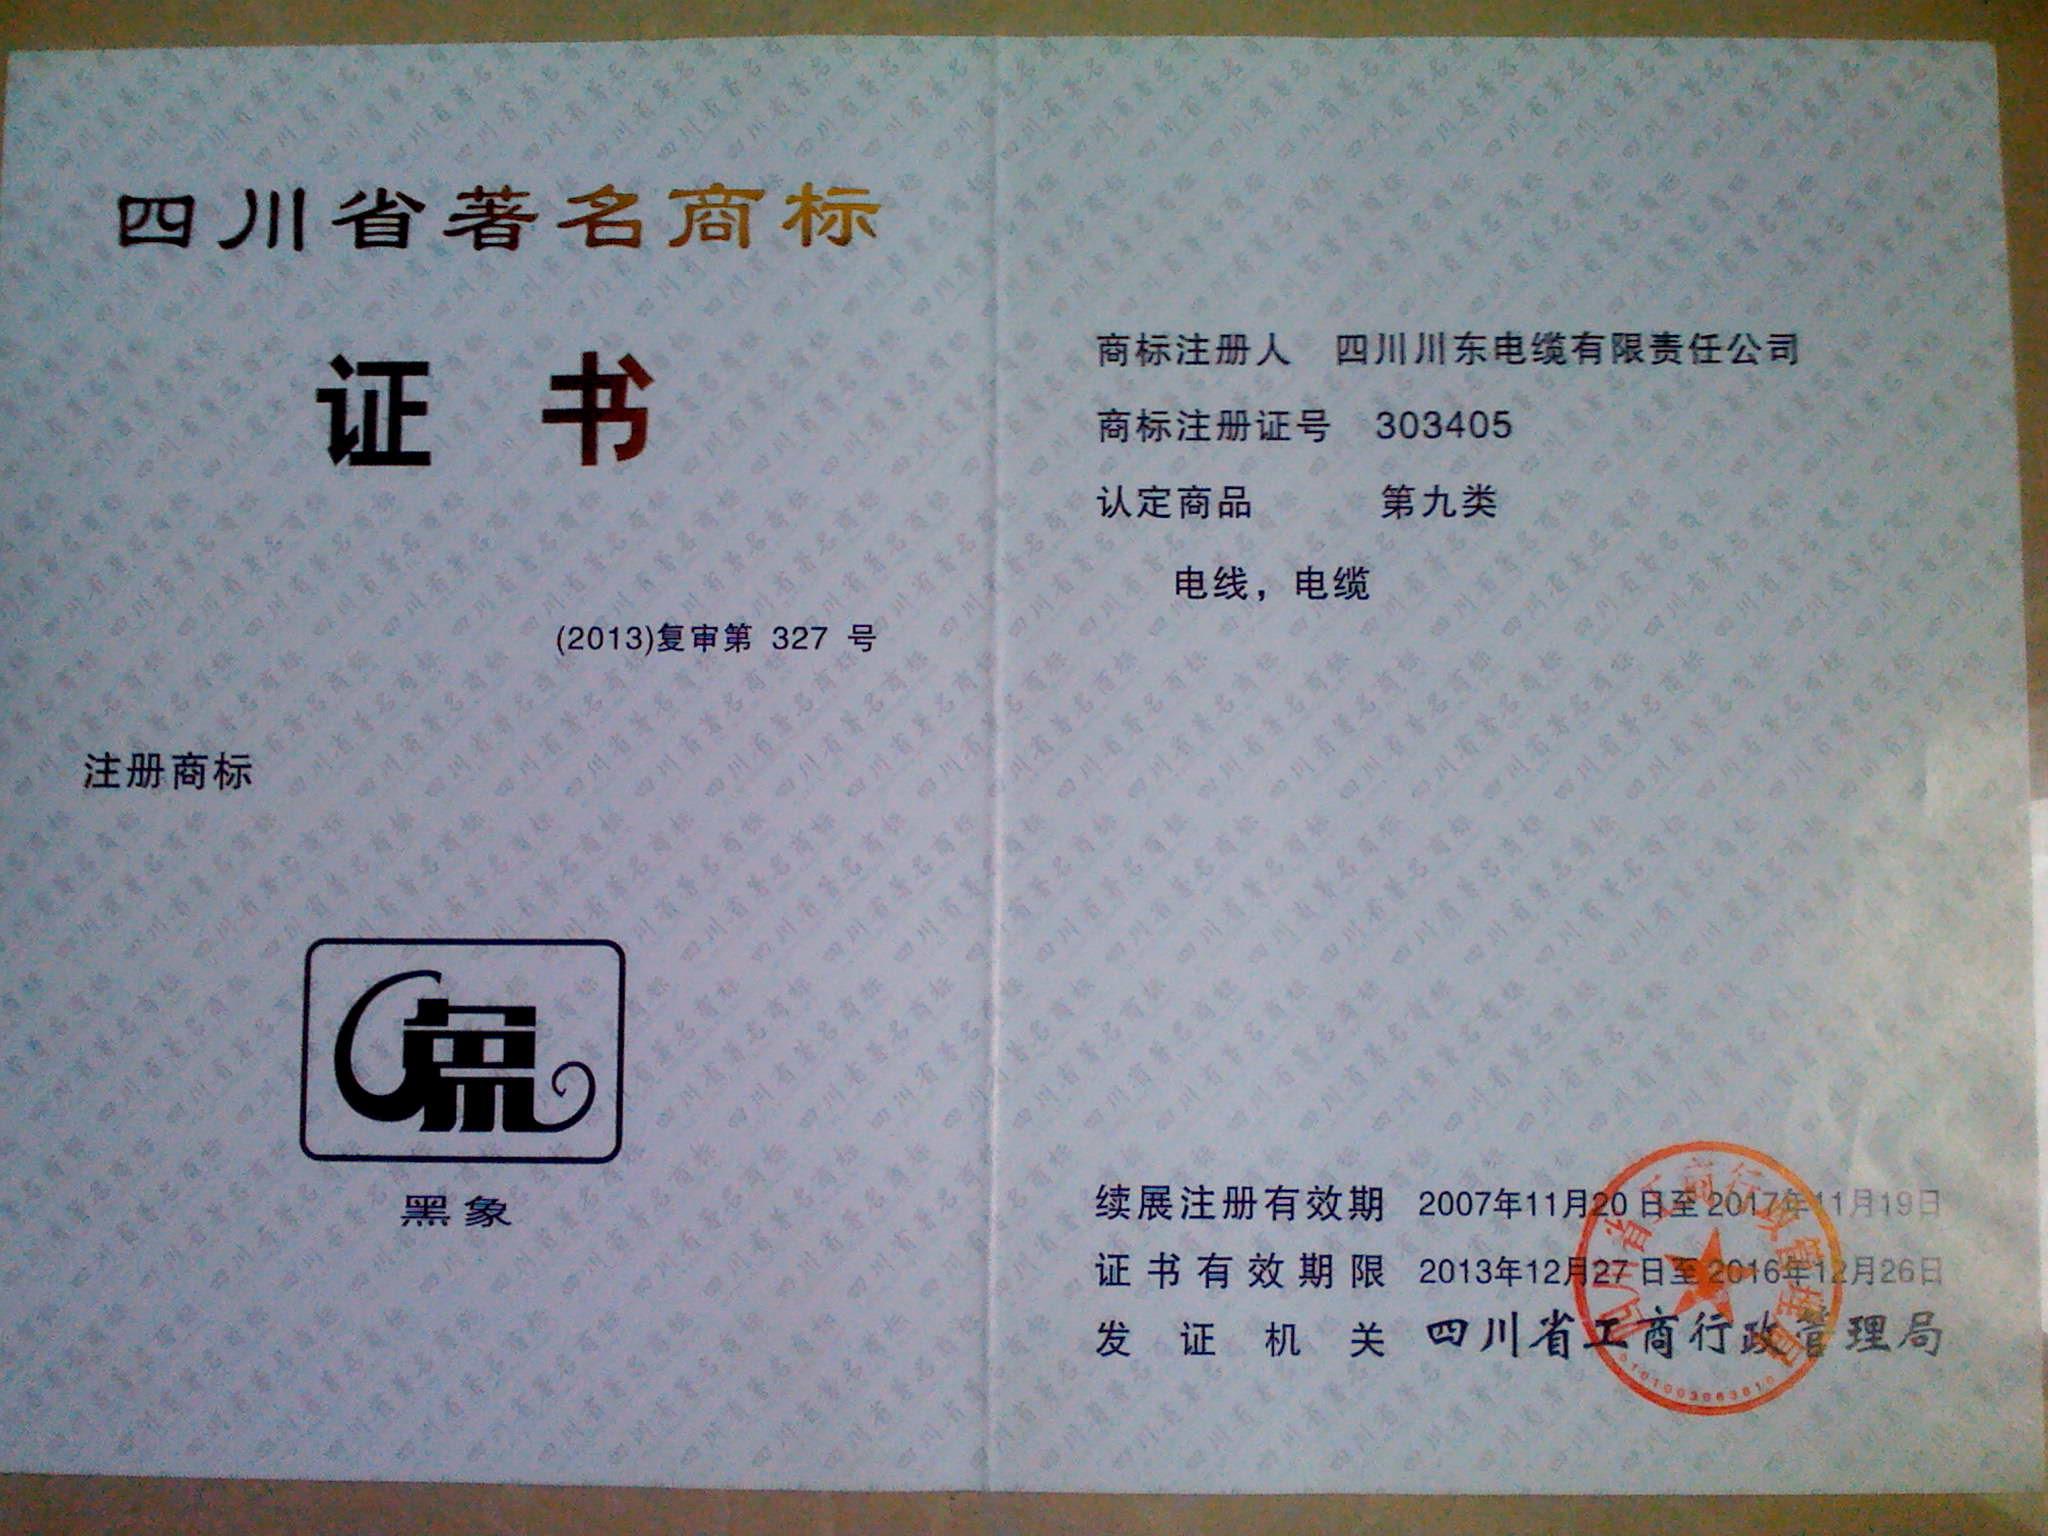 2014 Sichuan famous trademark